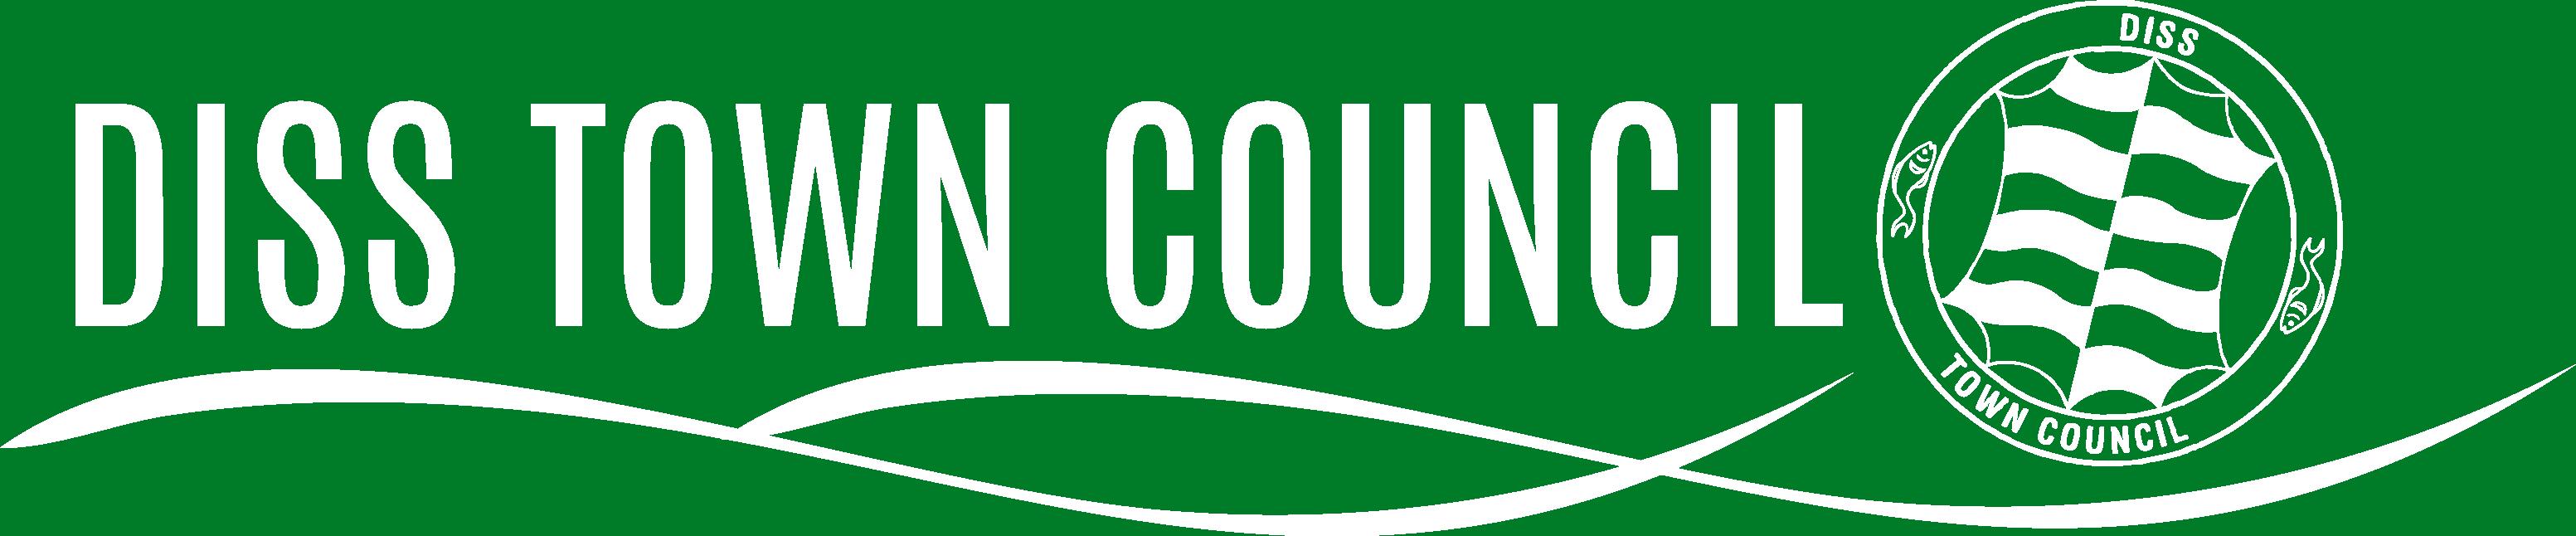 Diss Town Council